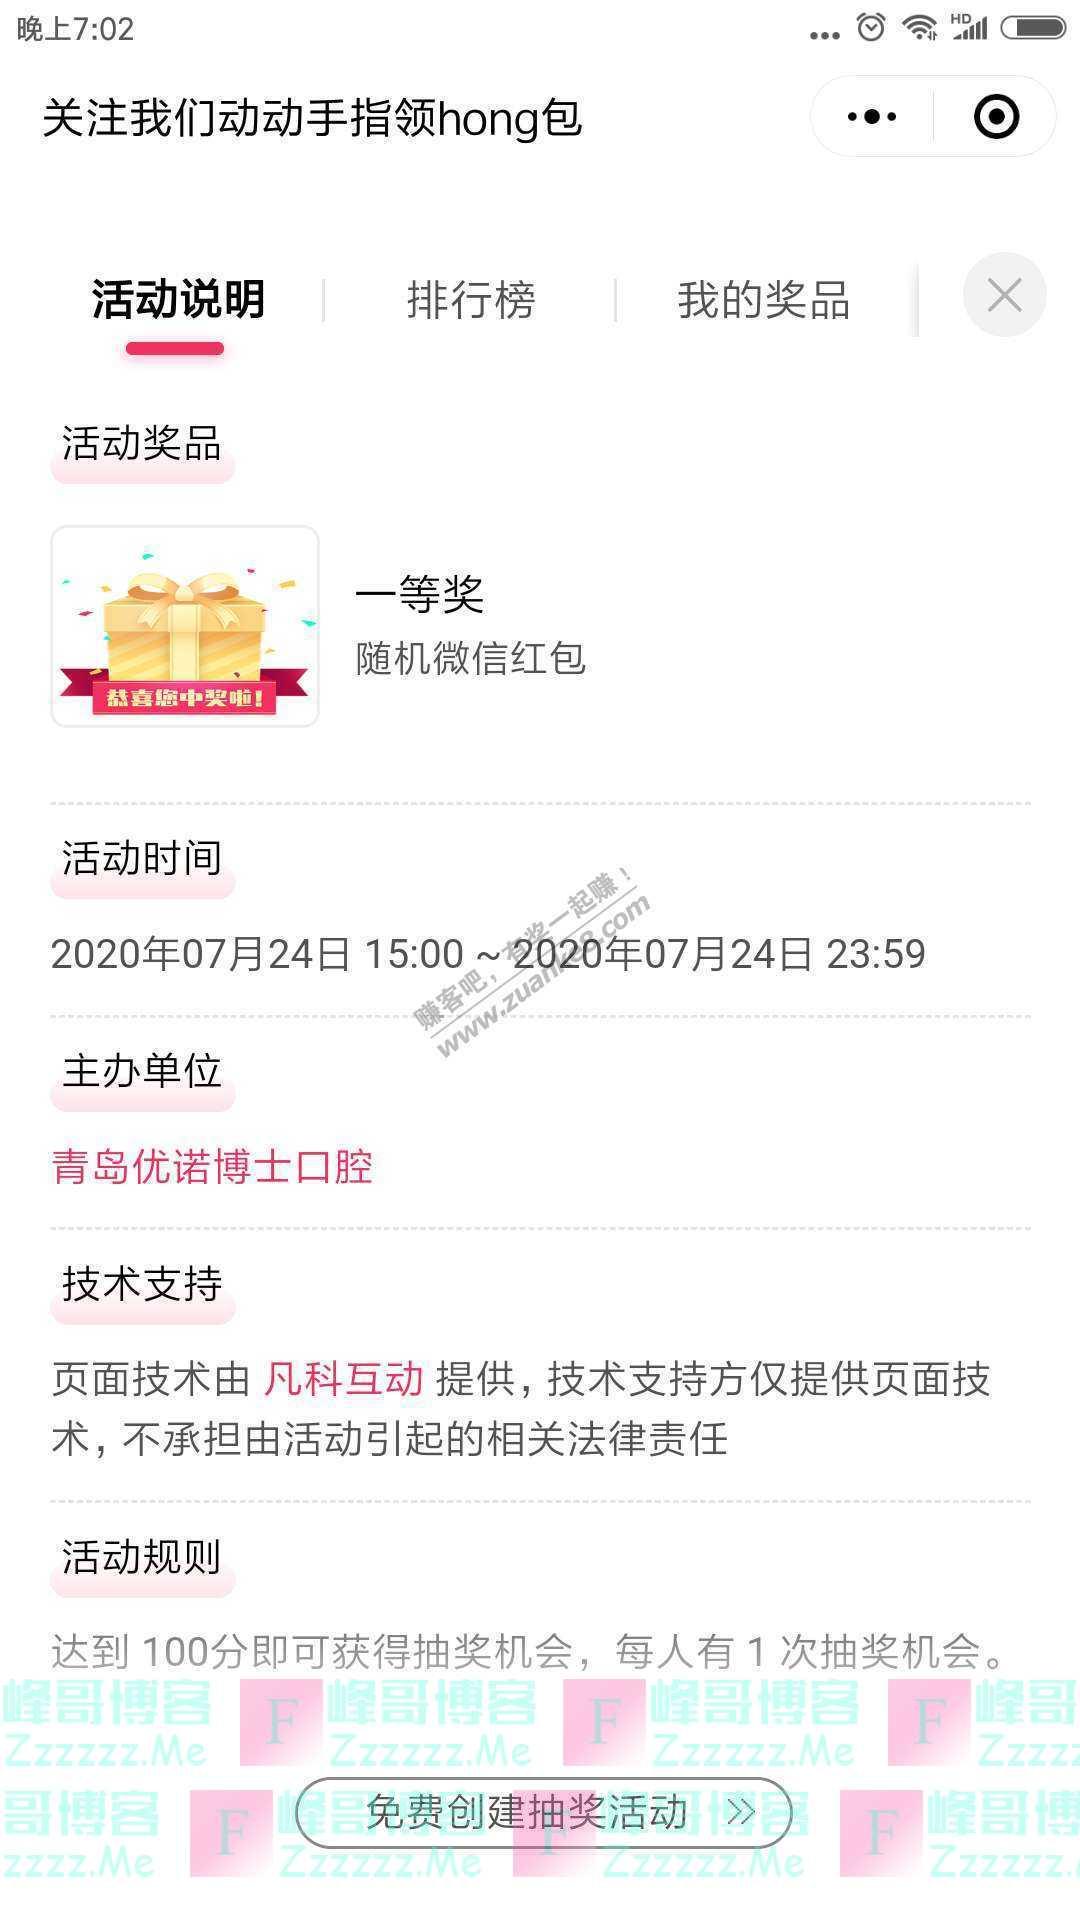 青岛优诺博士口腔医院送福利|抢现金红包(截止7月24日)